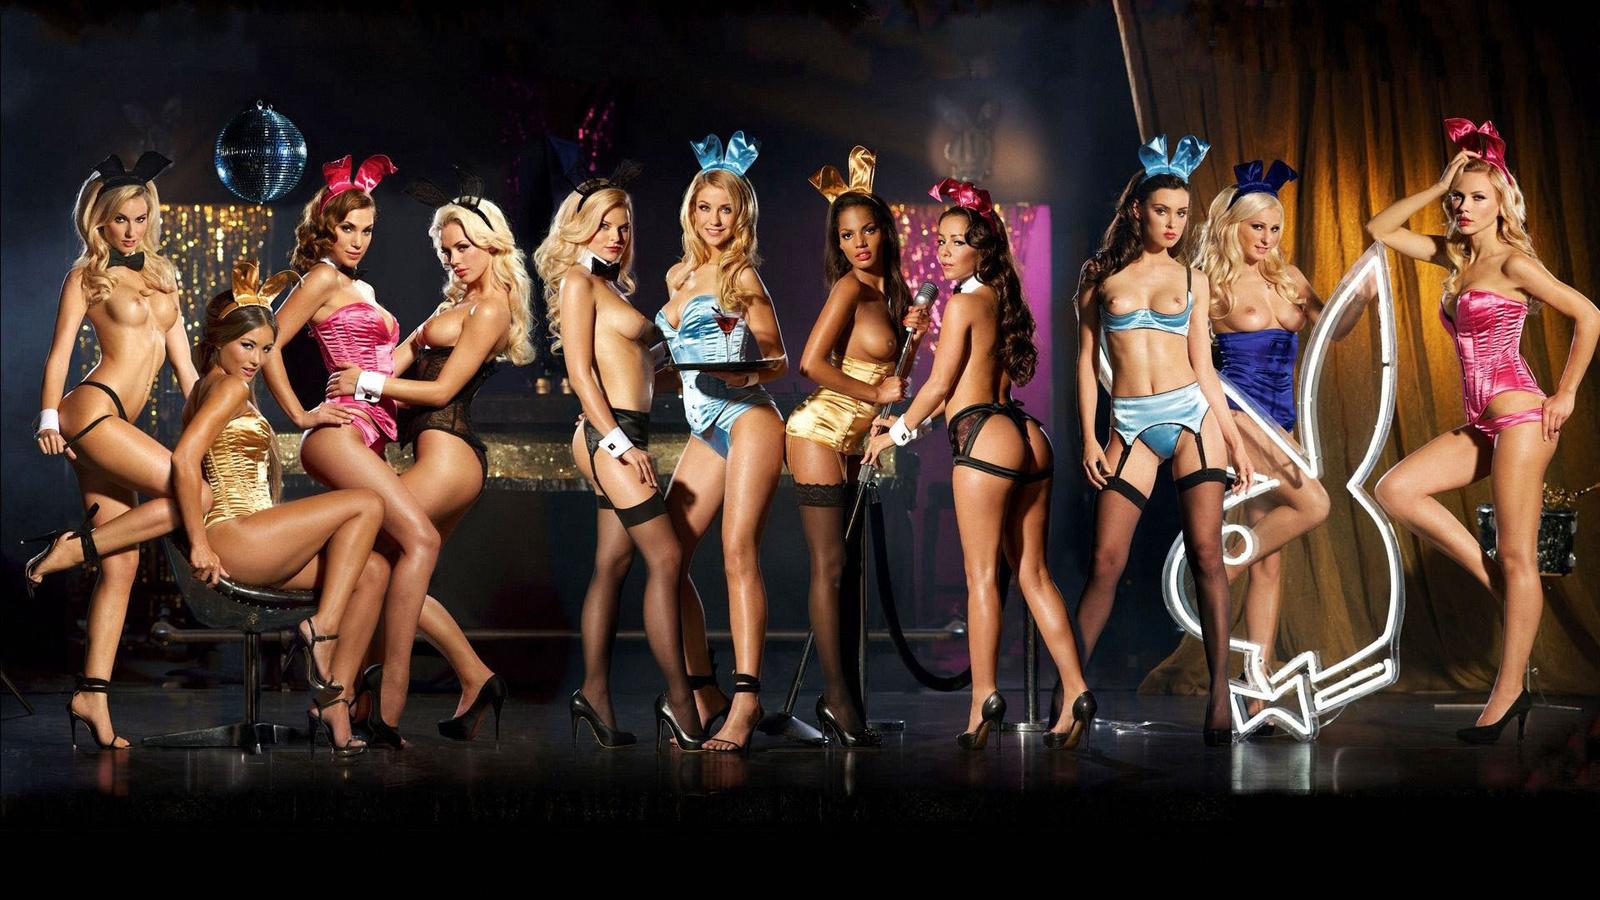 playboy girls, tits, sexy, naked, beautiful, breast, legs, девушки, ушки, сиськи, ножки, секси, заяц, бельё, подтяжки, чулки, попки, группа, группа девушек, зайка